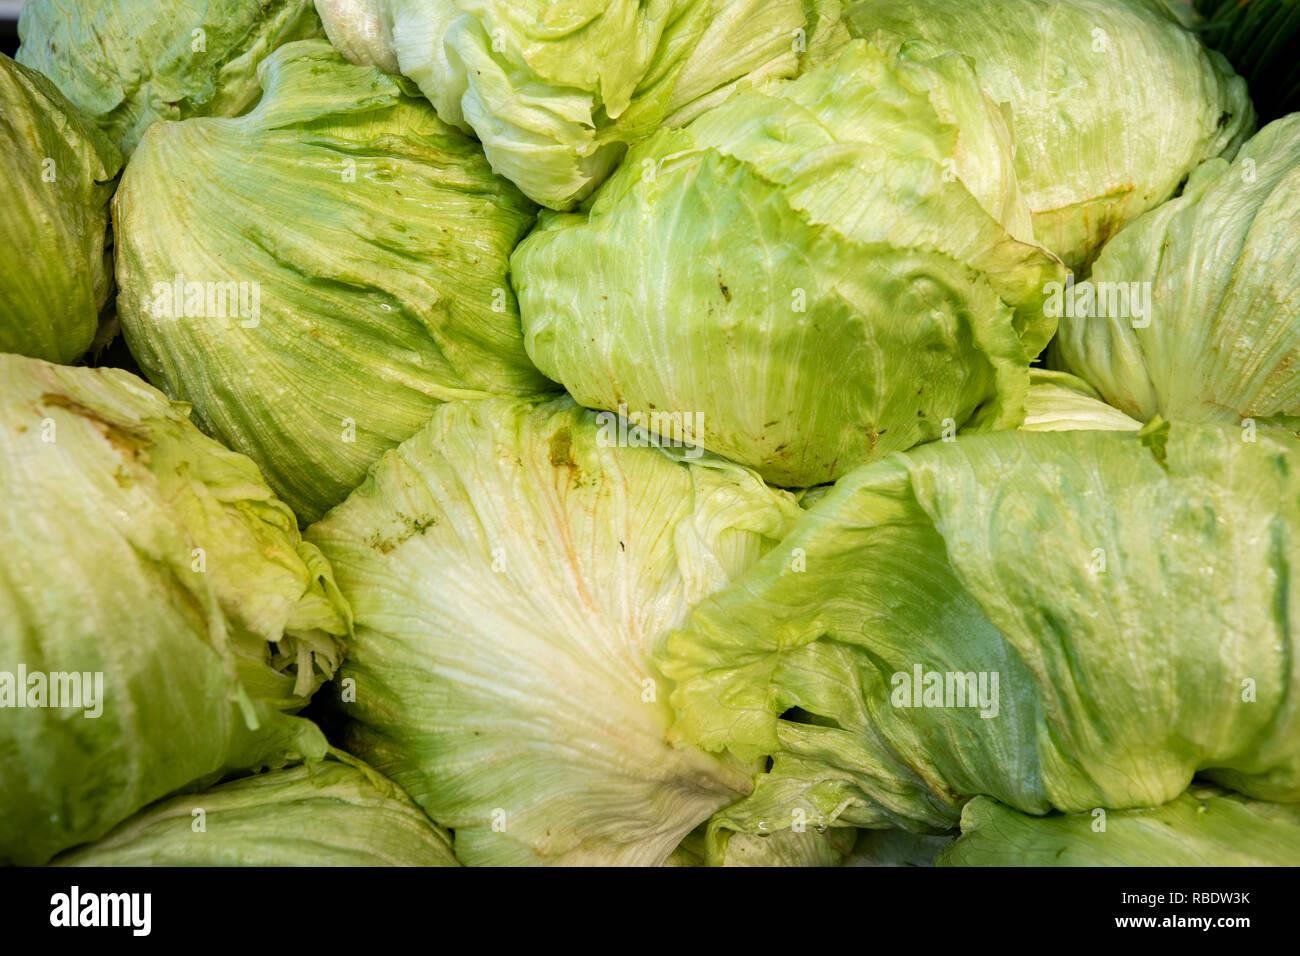 La lattuga iceberg. Verdura prodotte in Messico. La foto è stata scattata in un mercato di strada. Comune di Tlacolula, Oaxaca, Messico. Immagini Stock